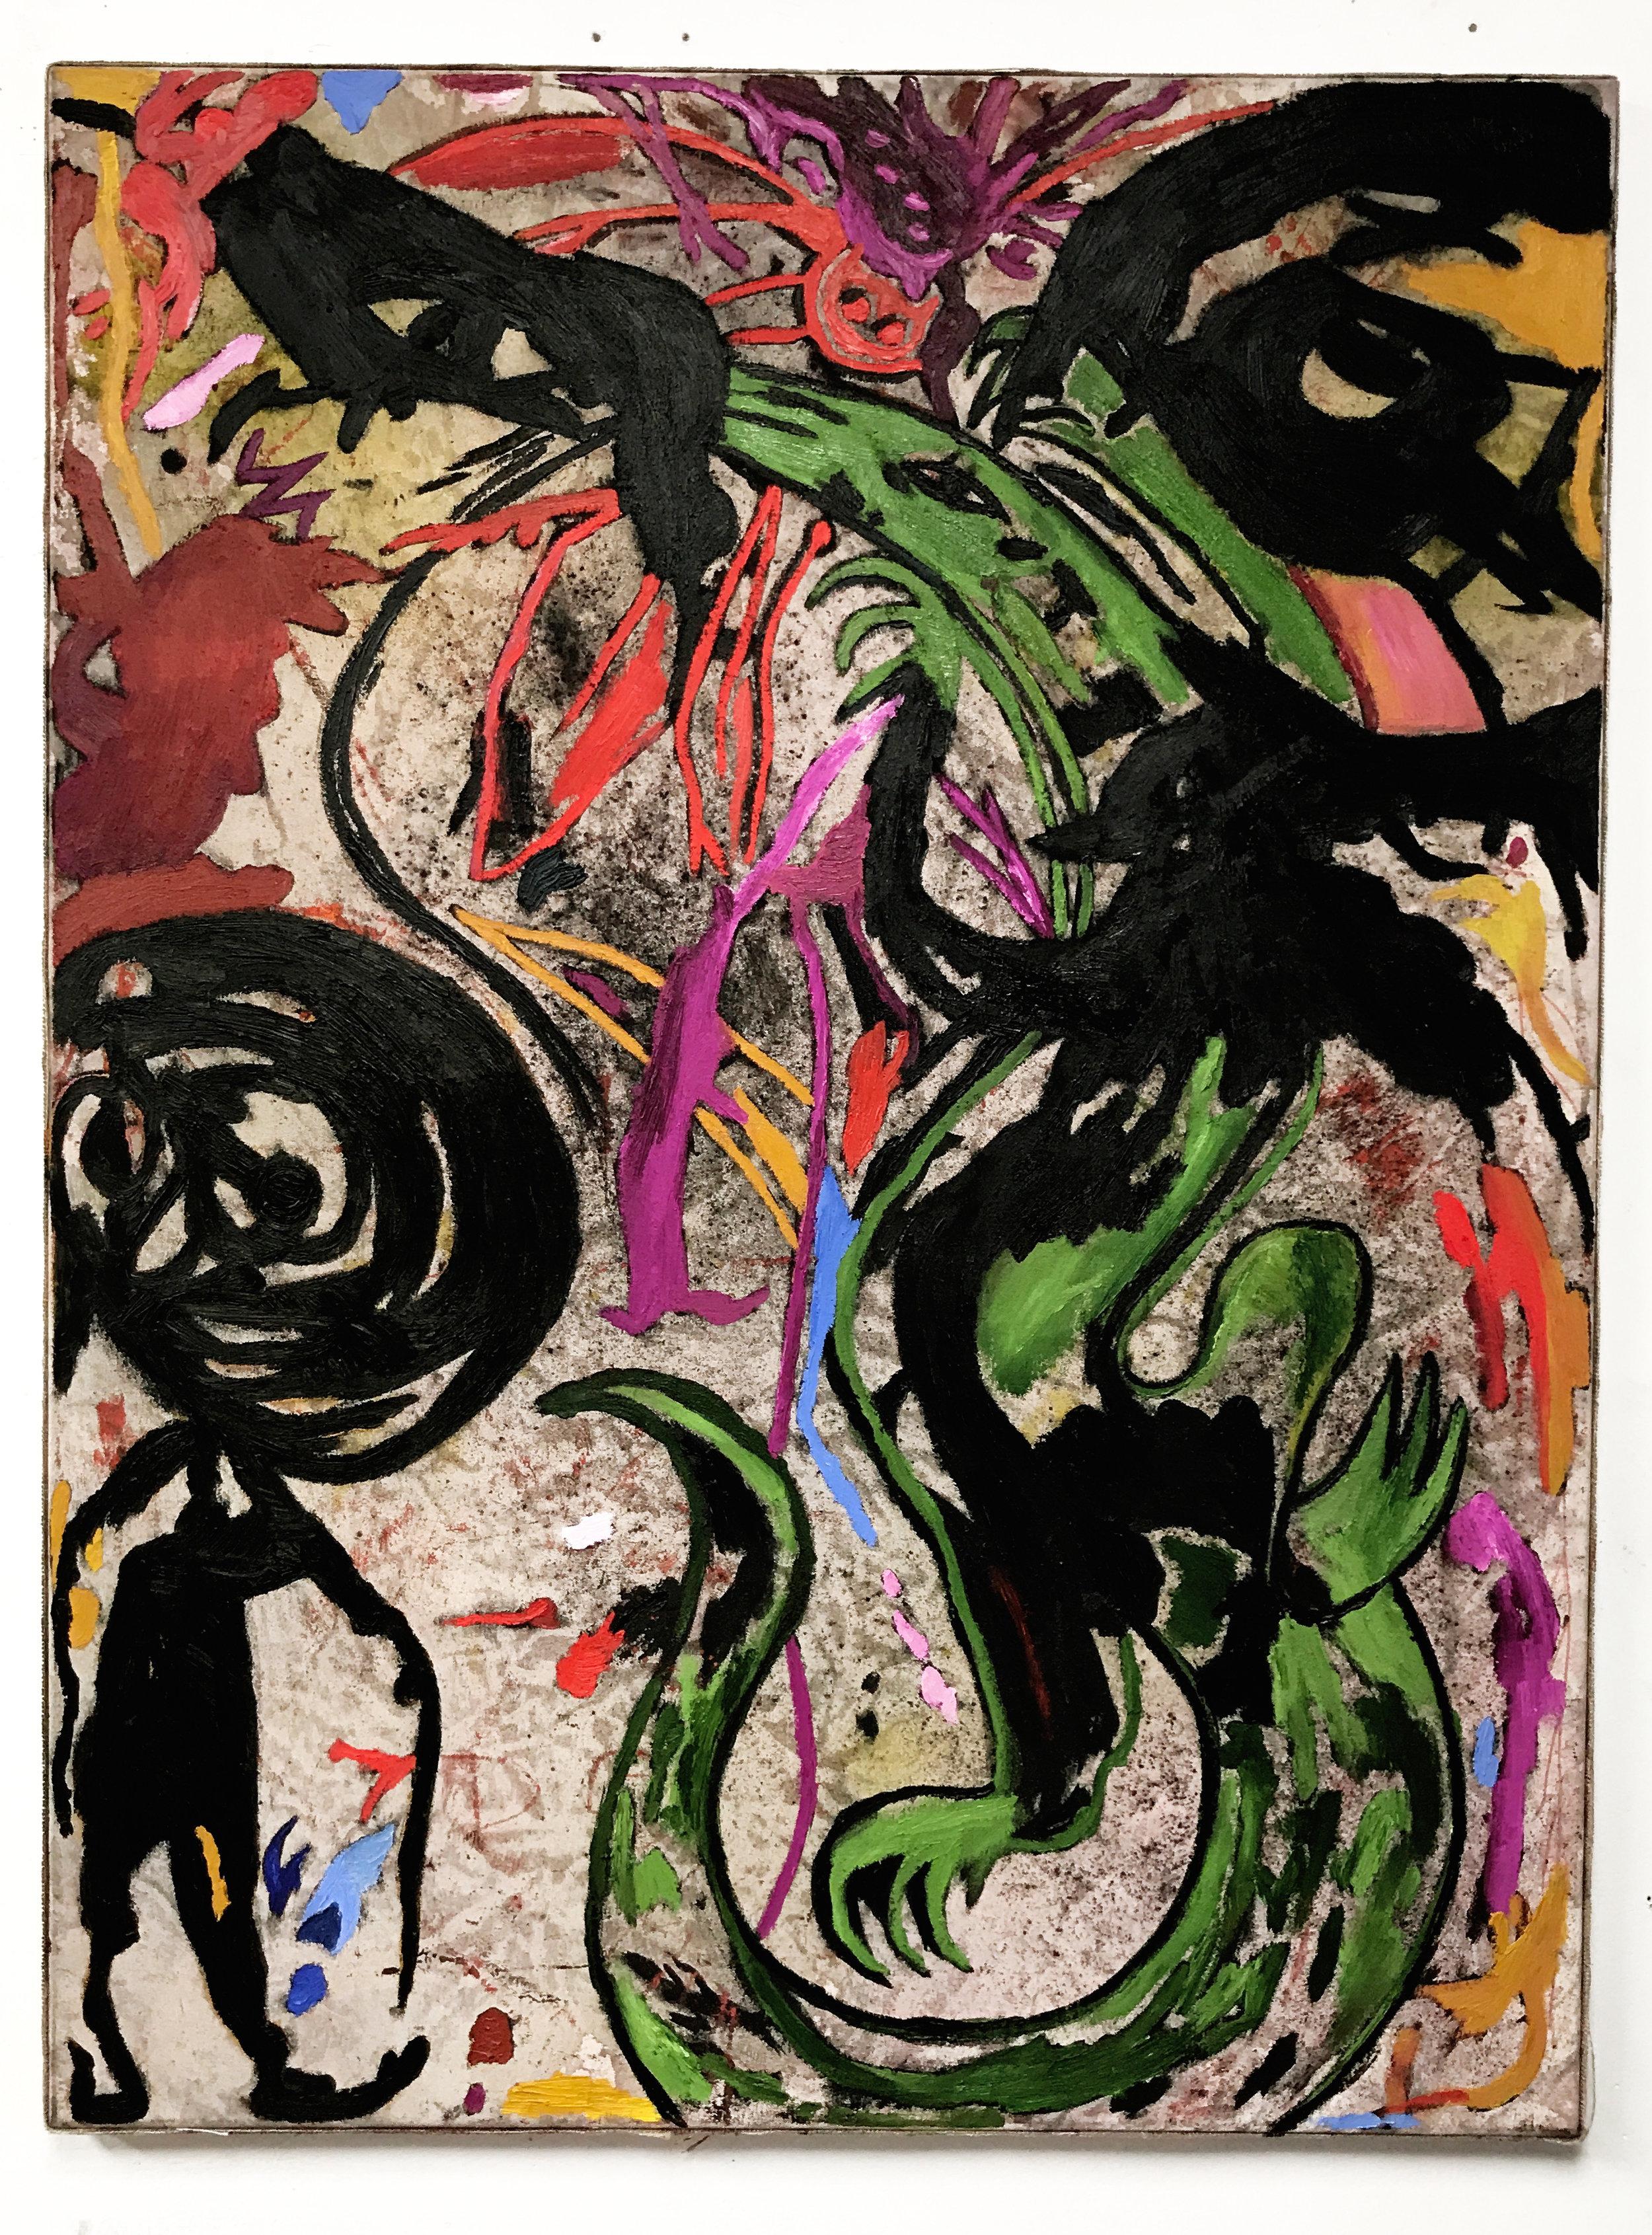 DG_Desert Walker_40x30_Oila&cochineal dye on canvas_$2,000.jpg